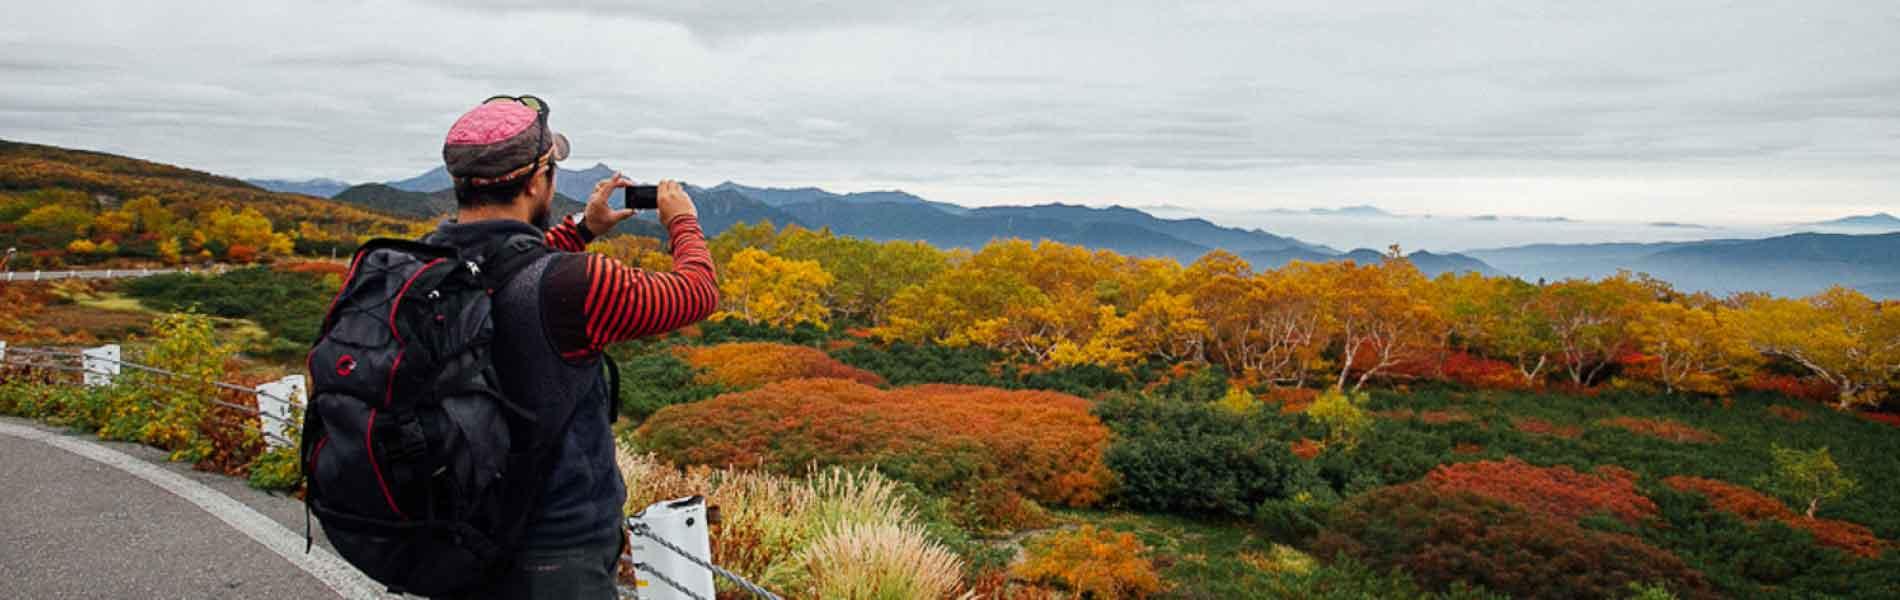 乗鞍岳の紅葉 Fall Colors on Mount Norikura